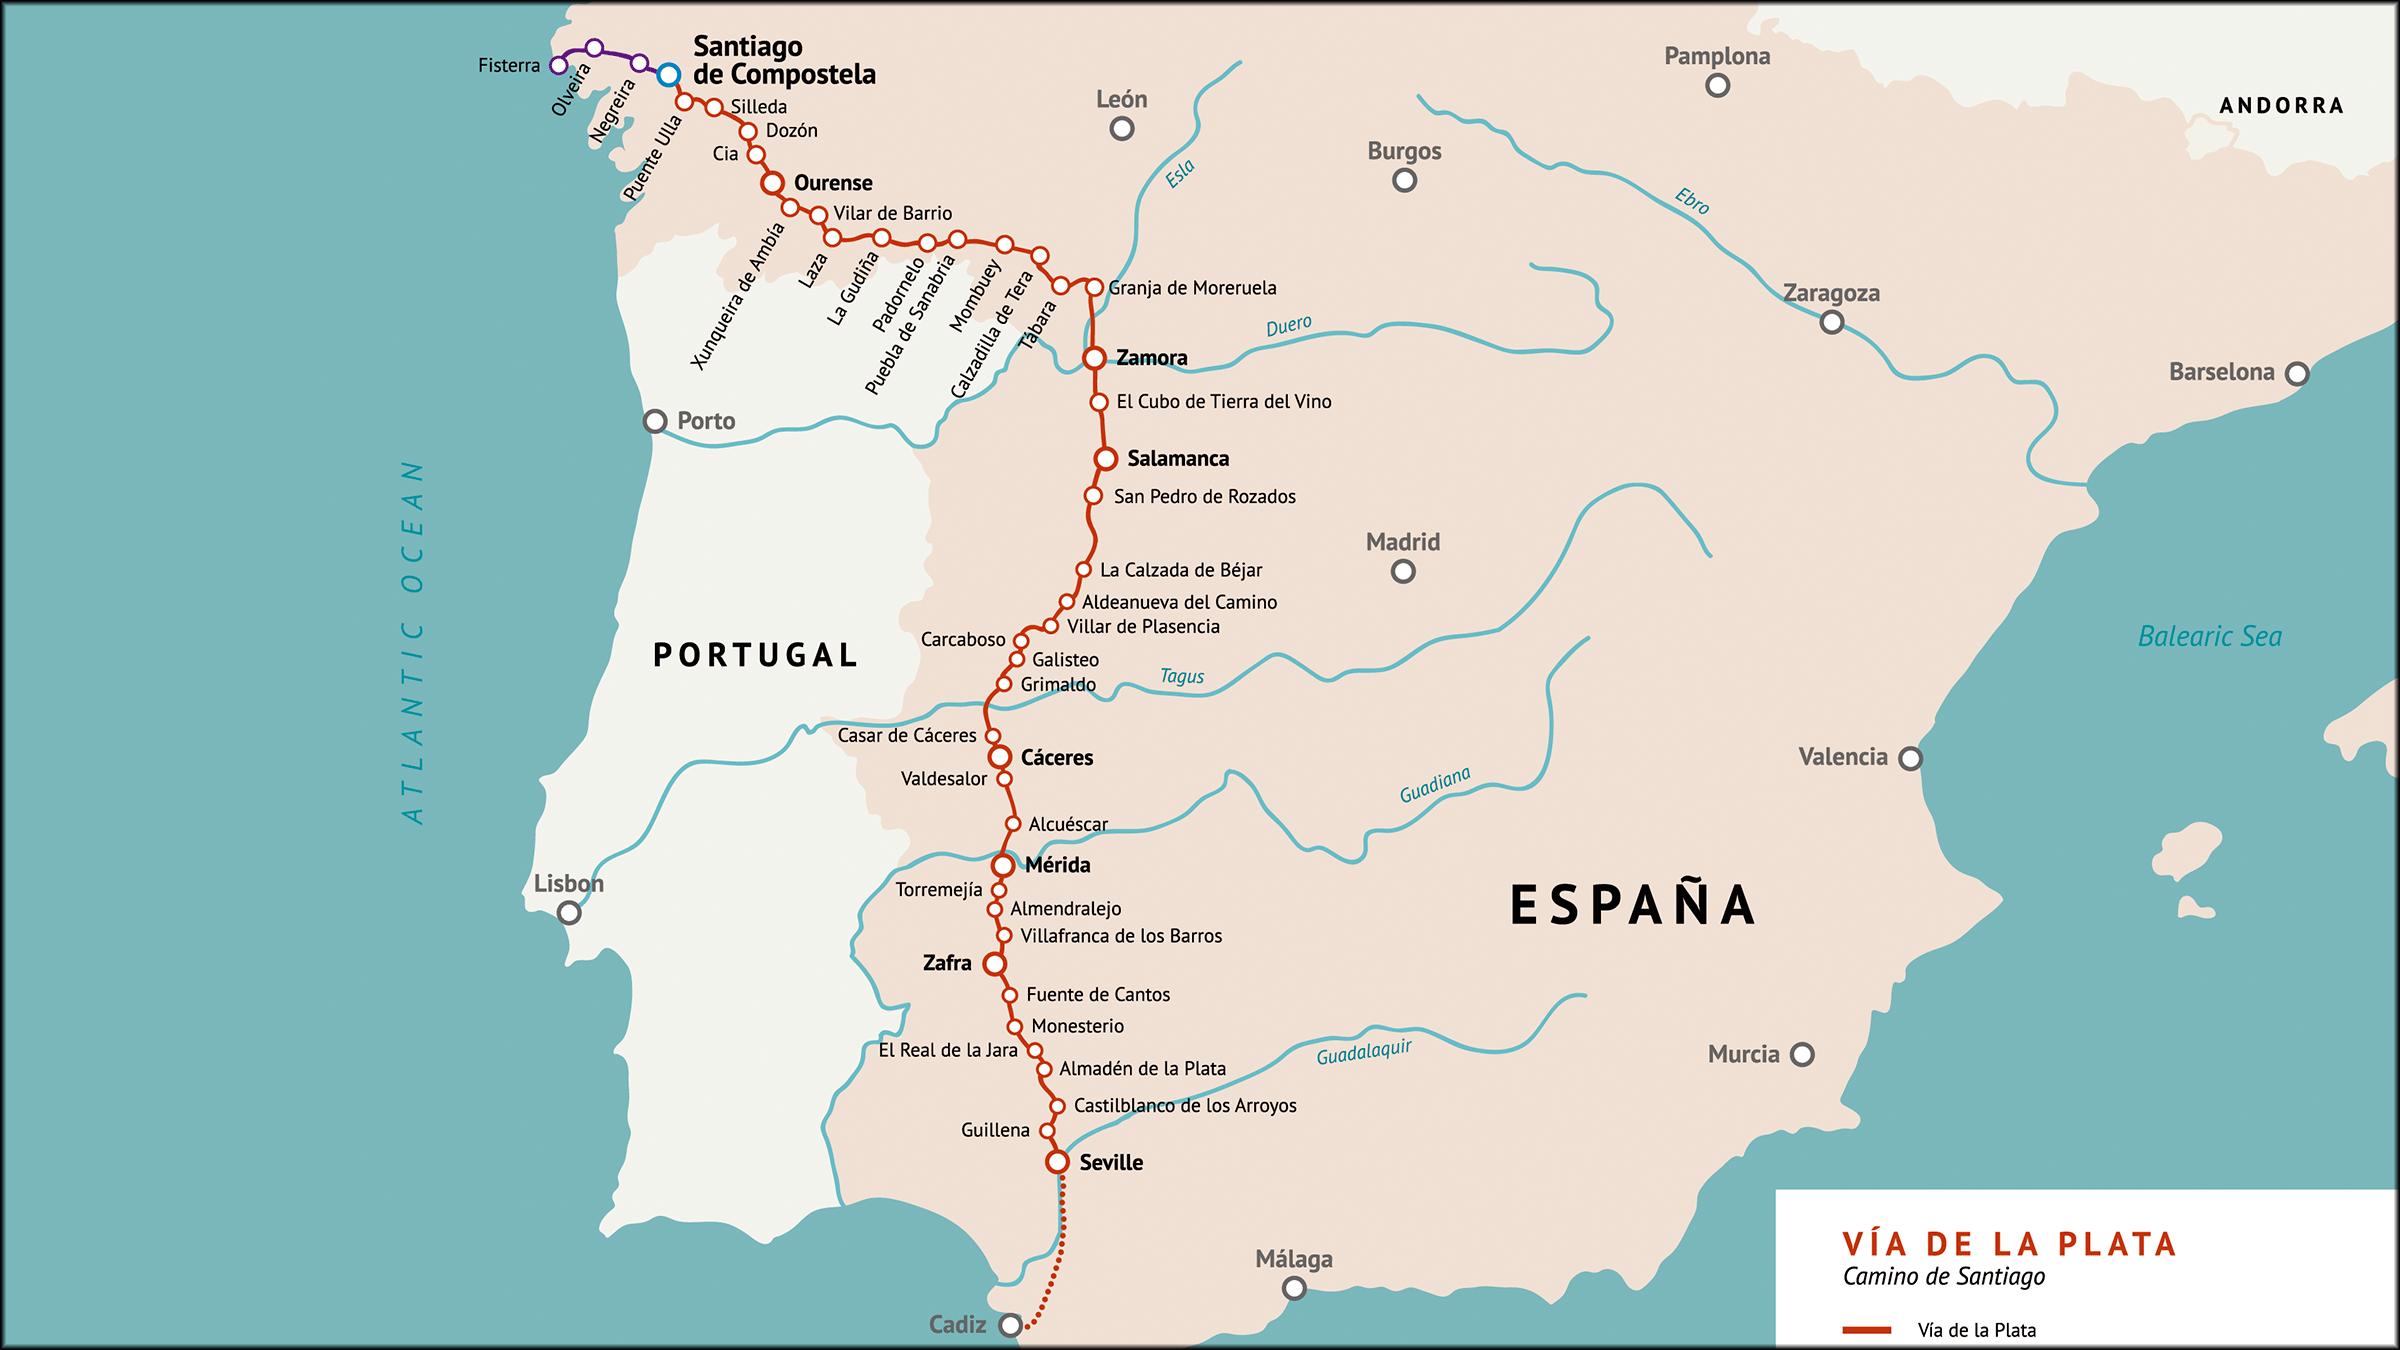 Mapa De La Vía De La Plata Camino De Santiago Camino De Santiago Vías Mapas